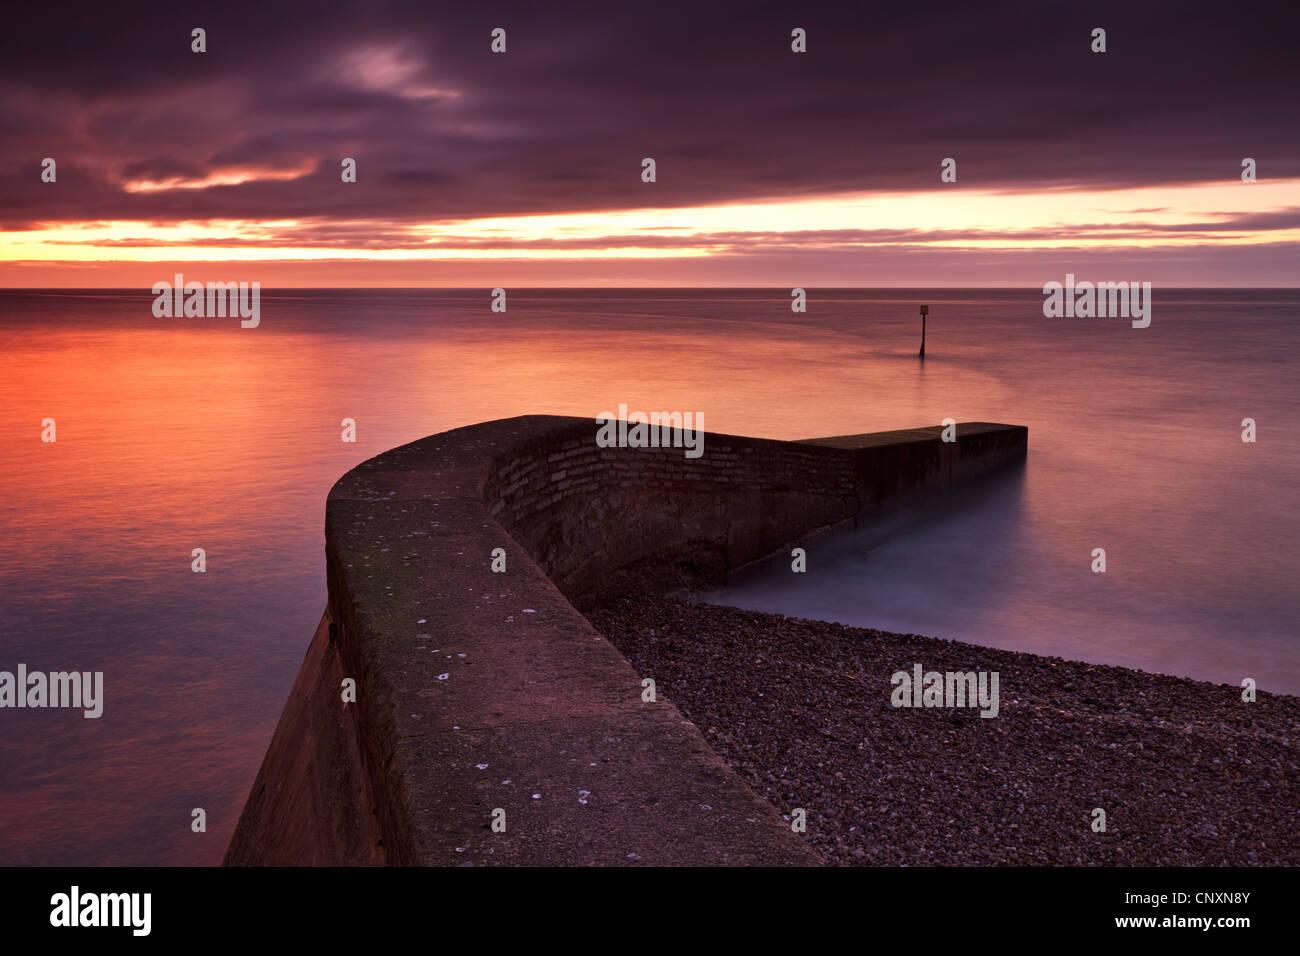 Jetée de pierre sur la plage au lever du soleil, Sidmouth, Cornwall, Devon, Angleterre. L'hiver (Janvier) Photo Stock